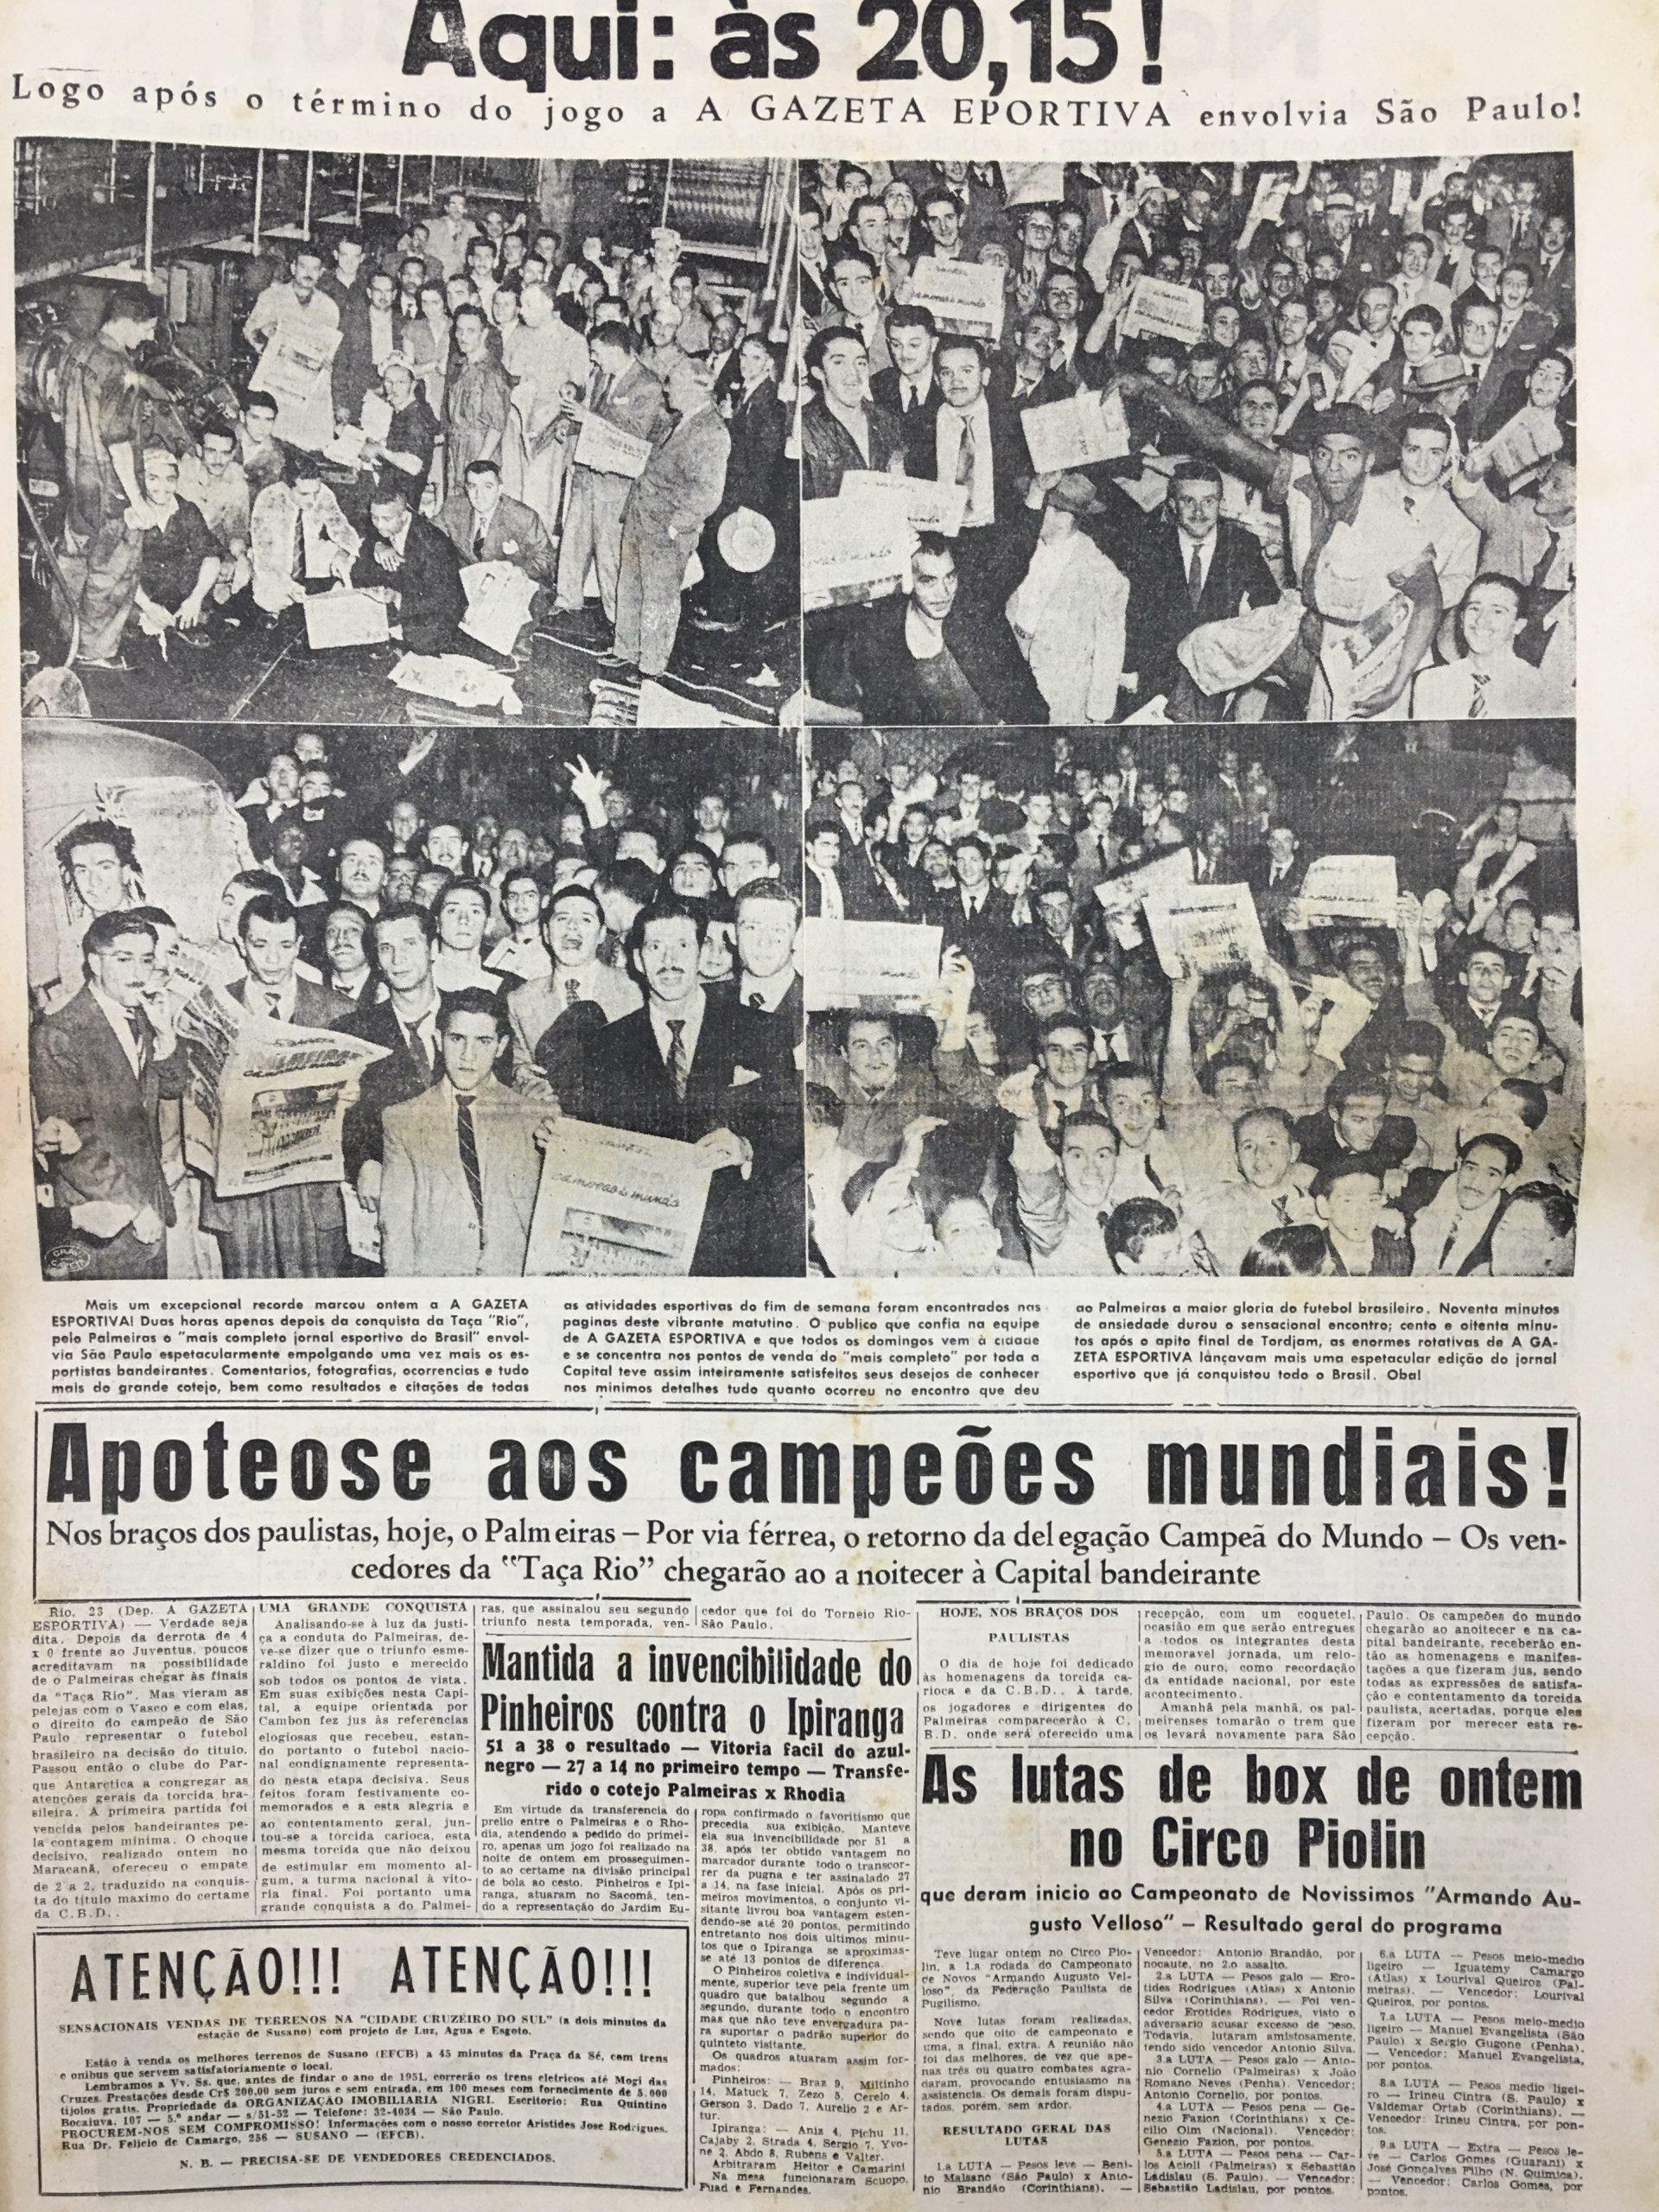 Página do jornal A Gazeta Esportiva